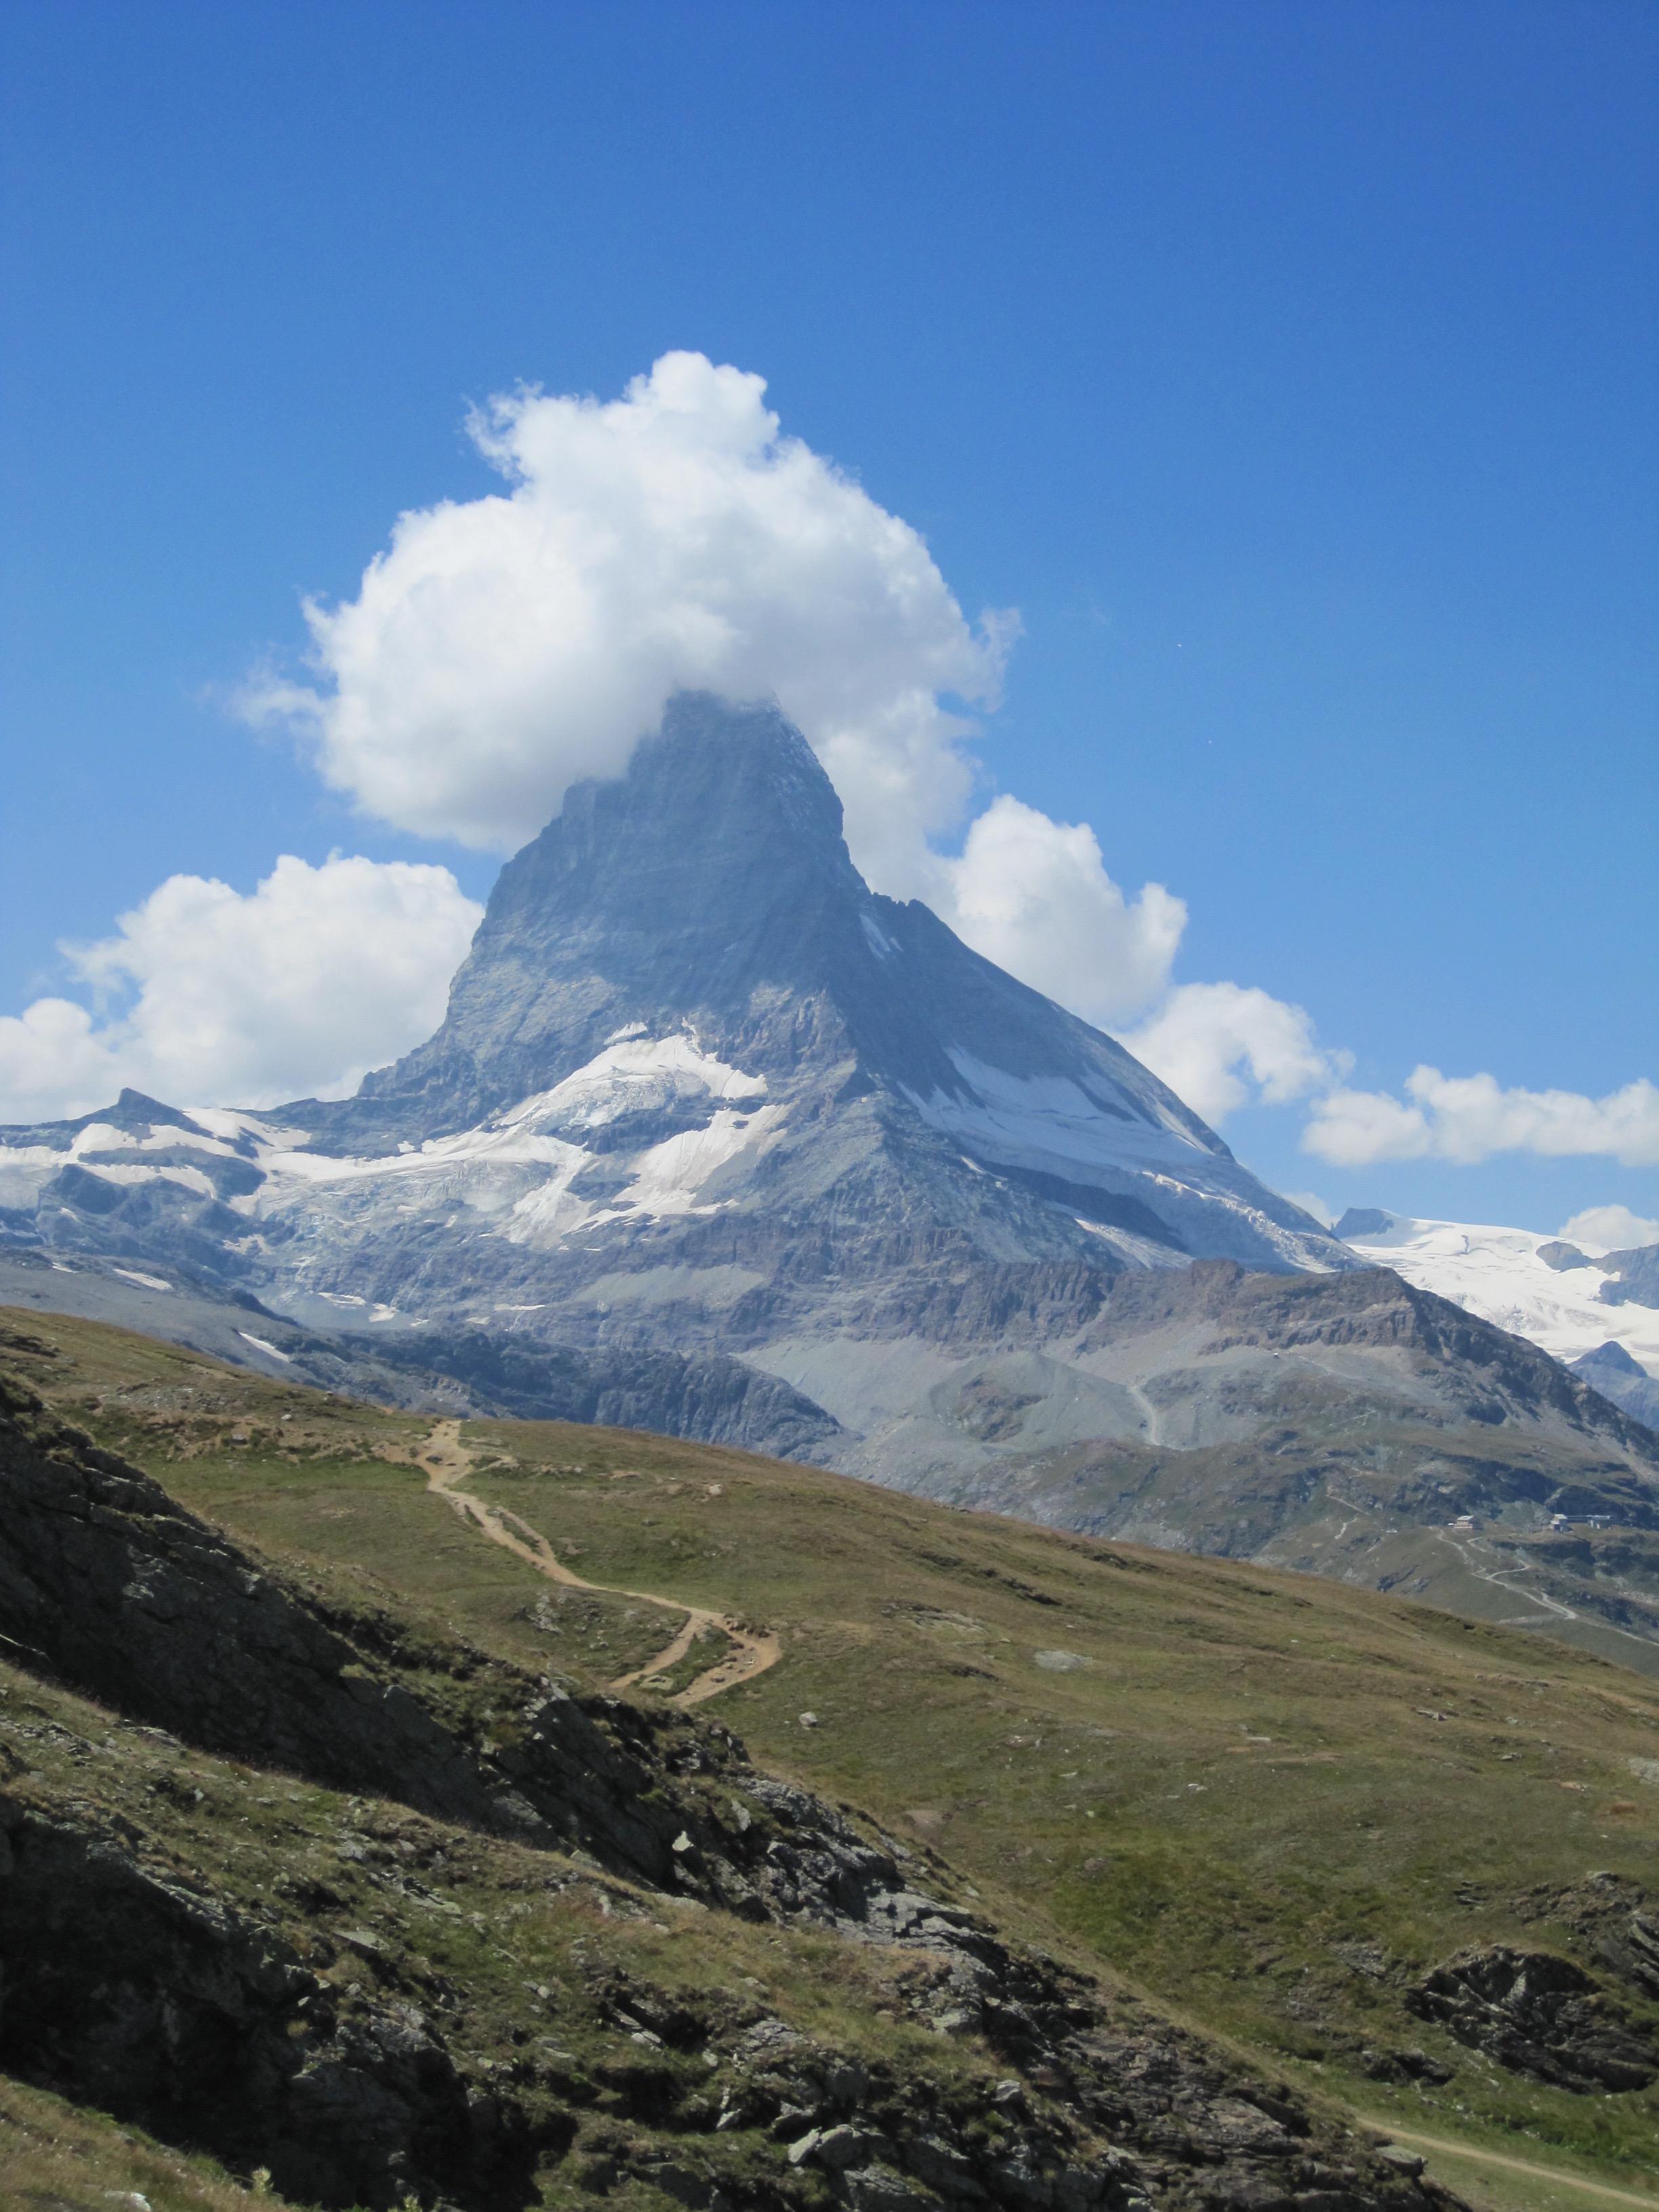 Matterhorn, Zermatt, Valais